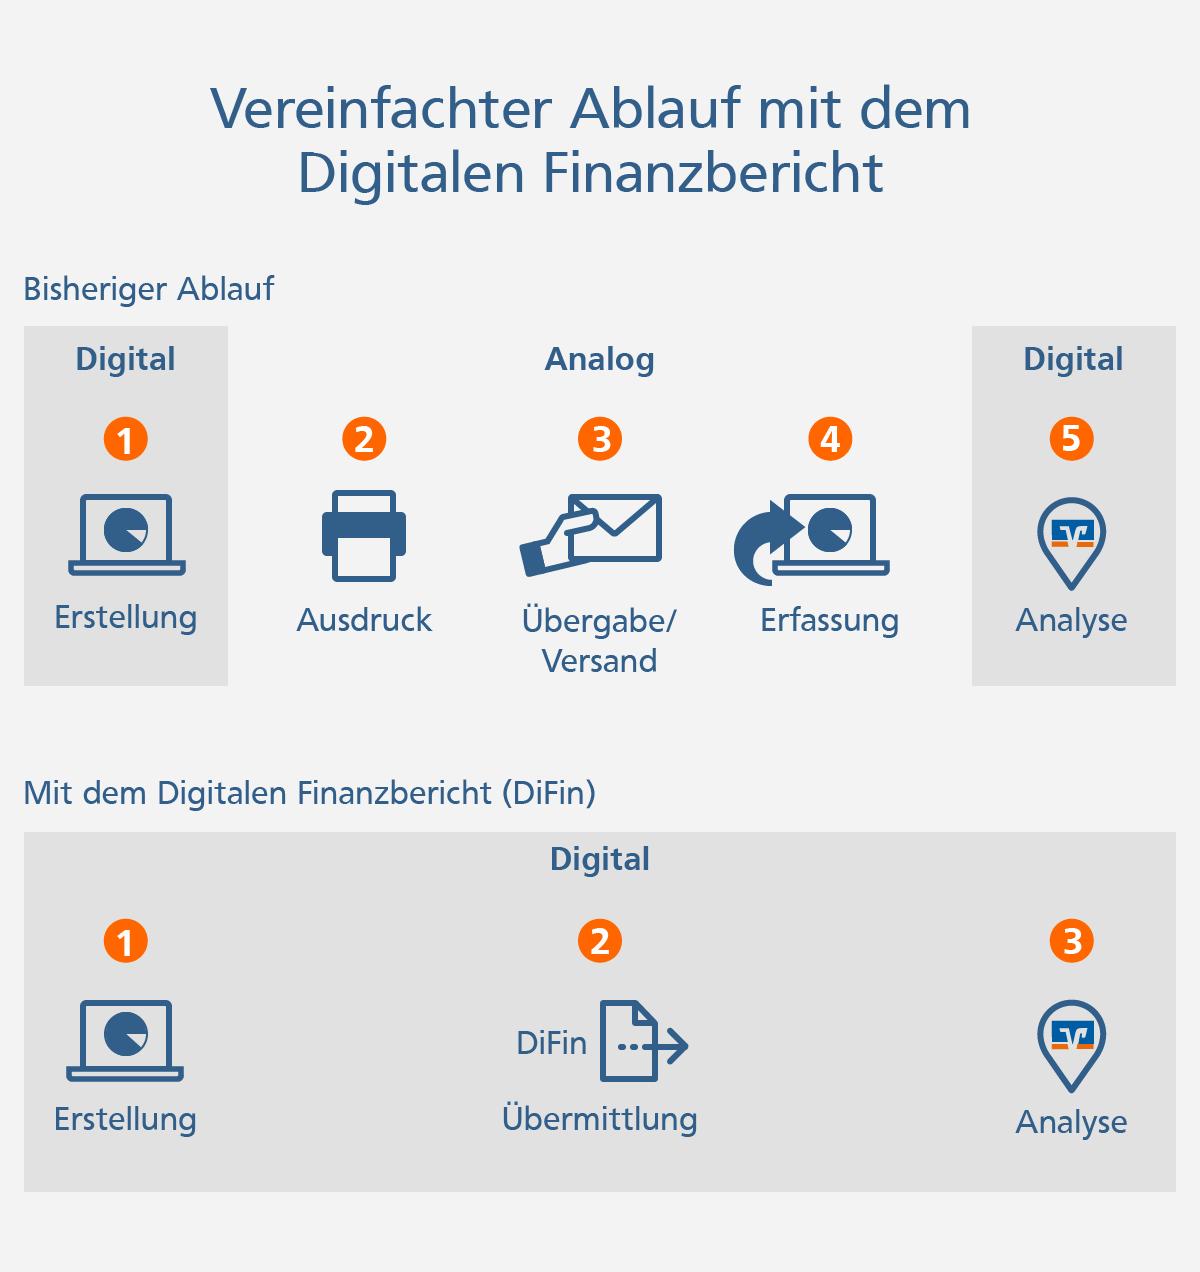 Grafik: Vereinfachter Ablauf mit dem Digitalen Finanzbericht